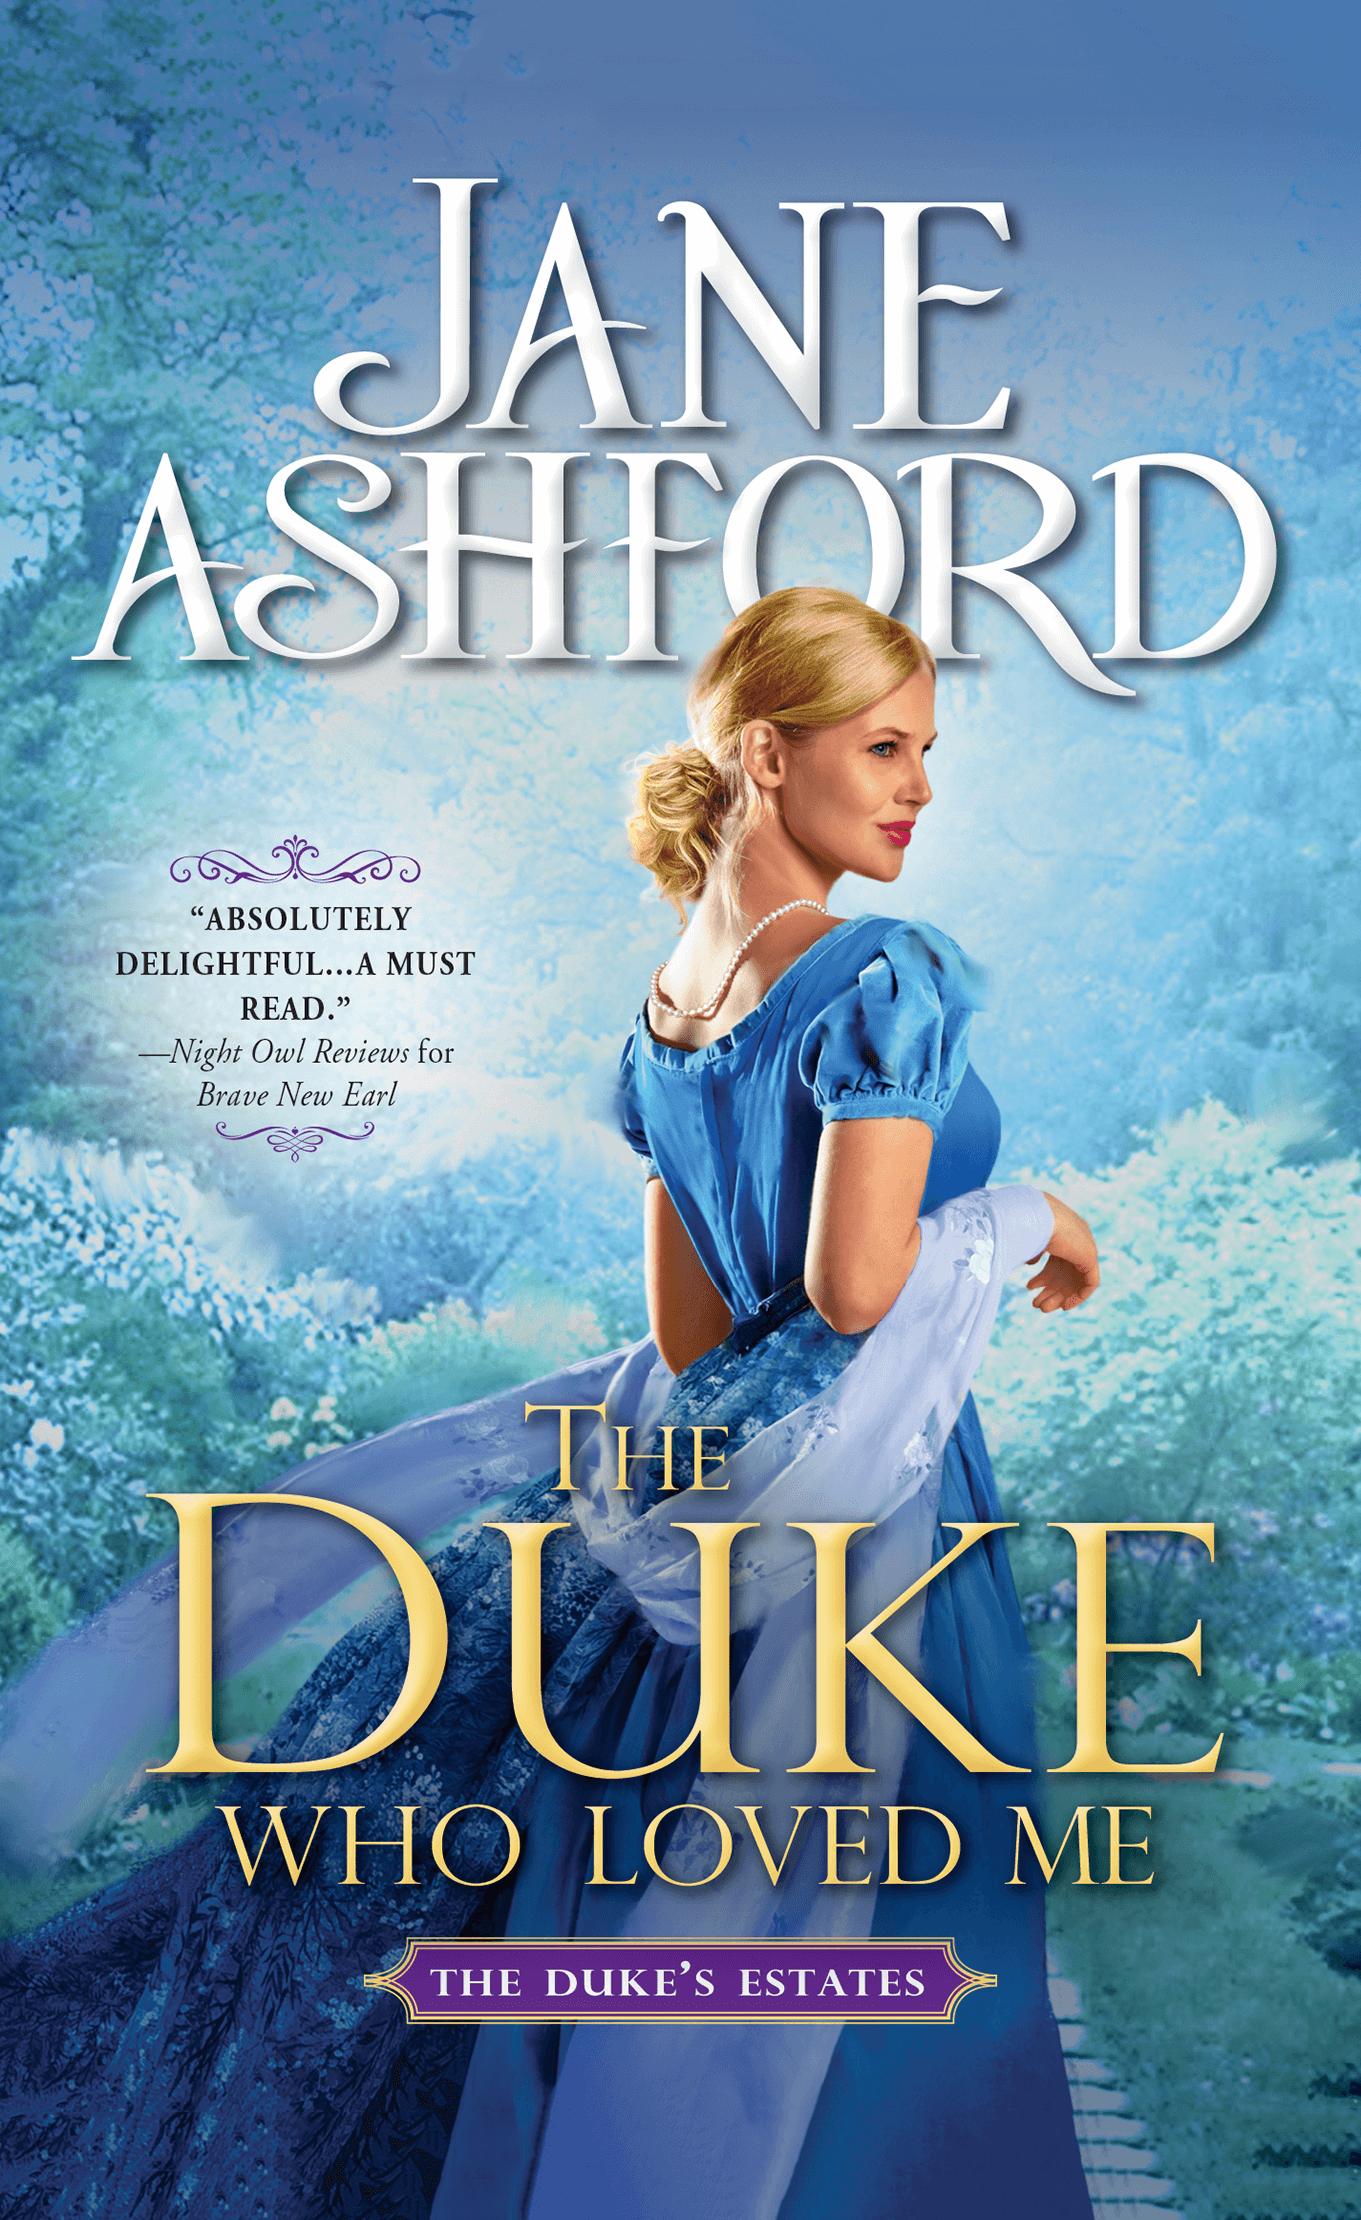 The Duke Who Loved Me by Jane Ashford